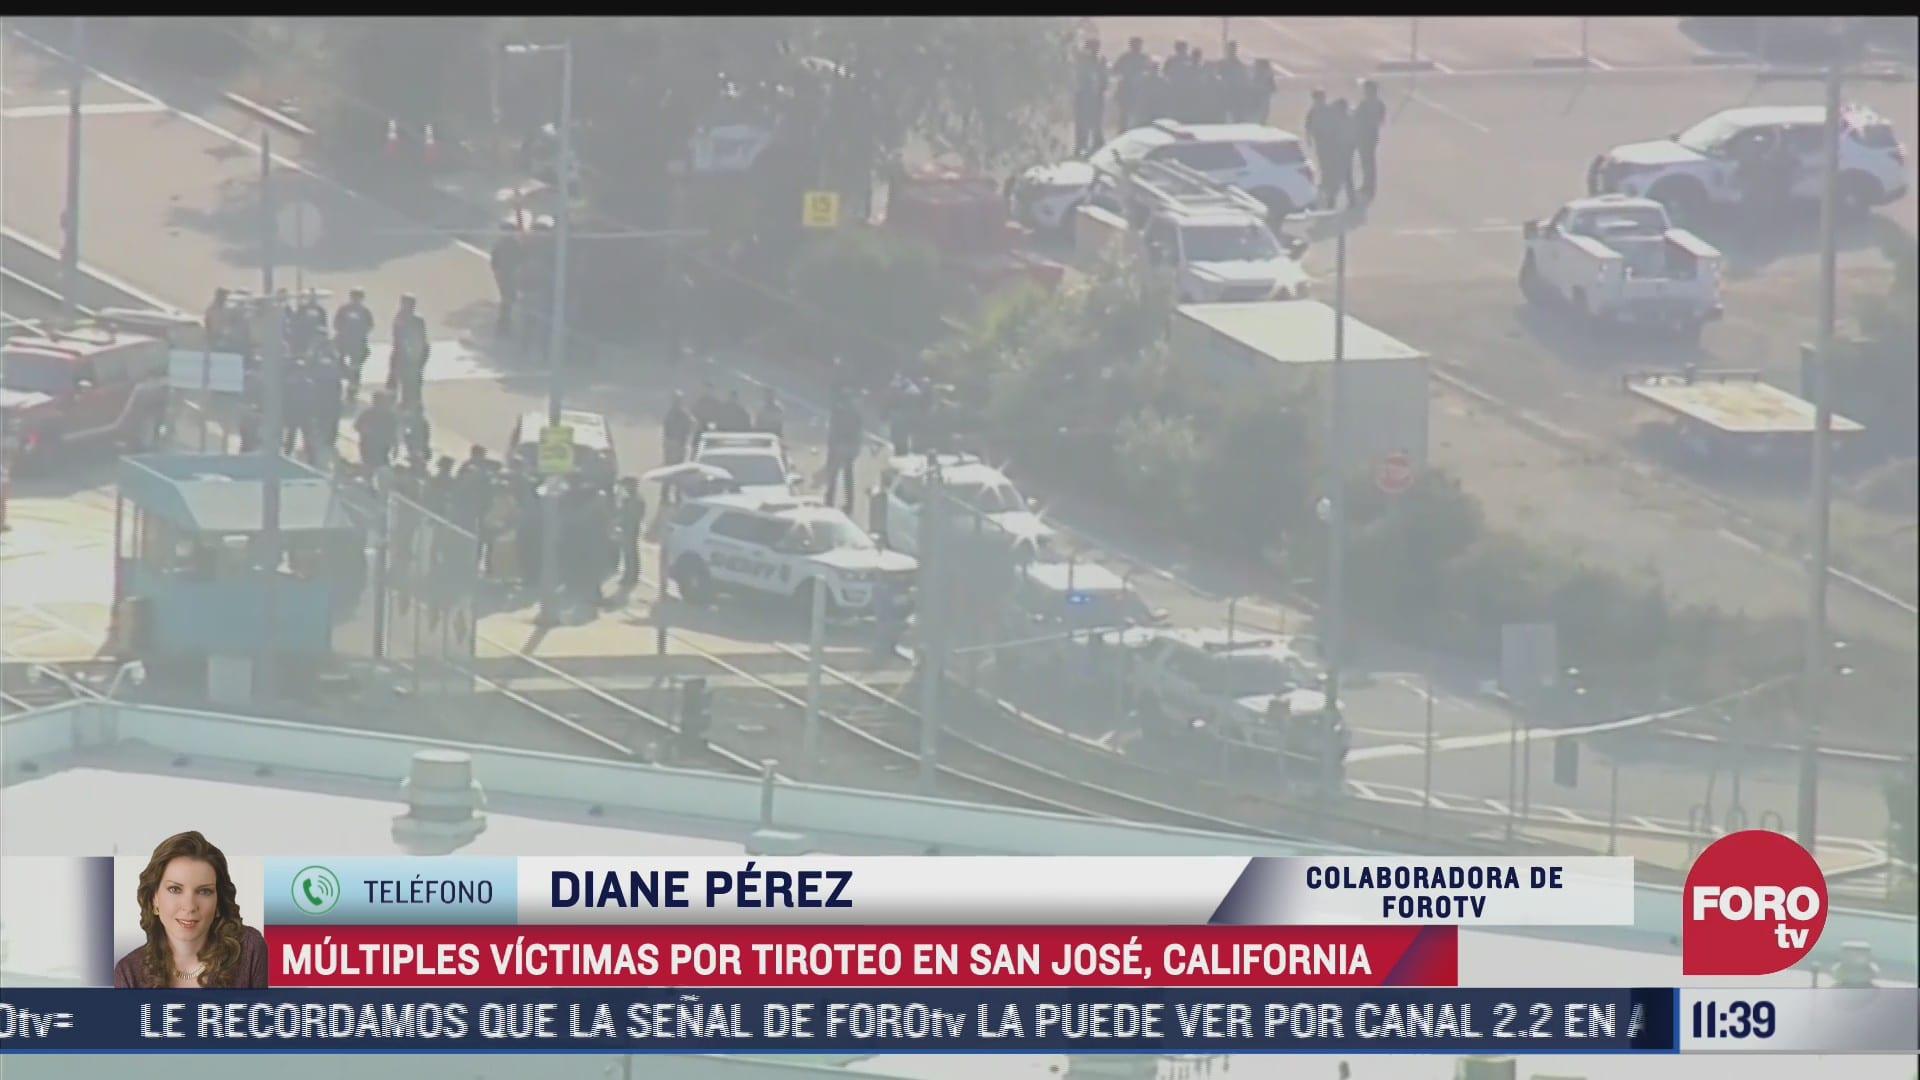 multiples victimas por tiroteo en san jose california